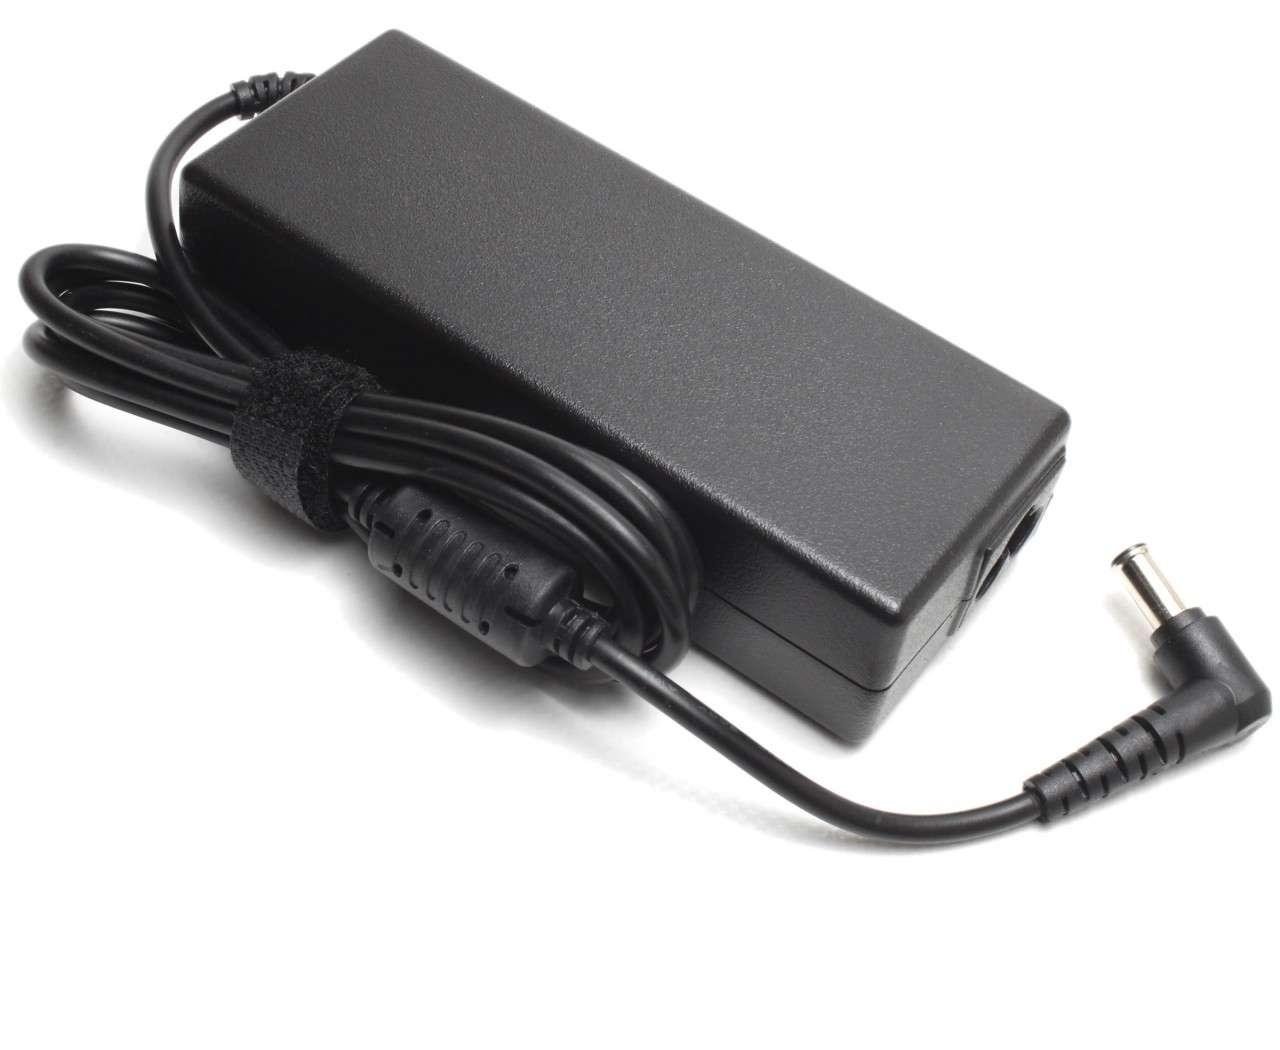 Incarcator Sony Vaio VPCEB43FX Replacement imagine powerlaptop.ro 2021